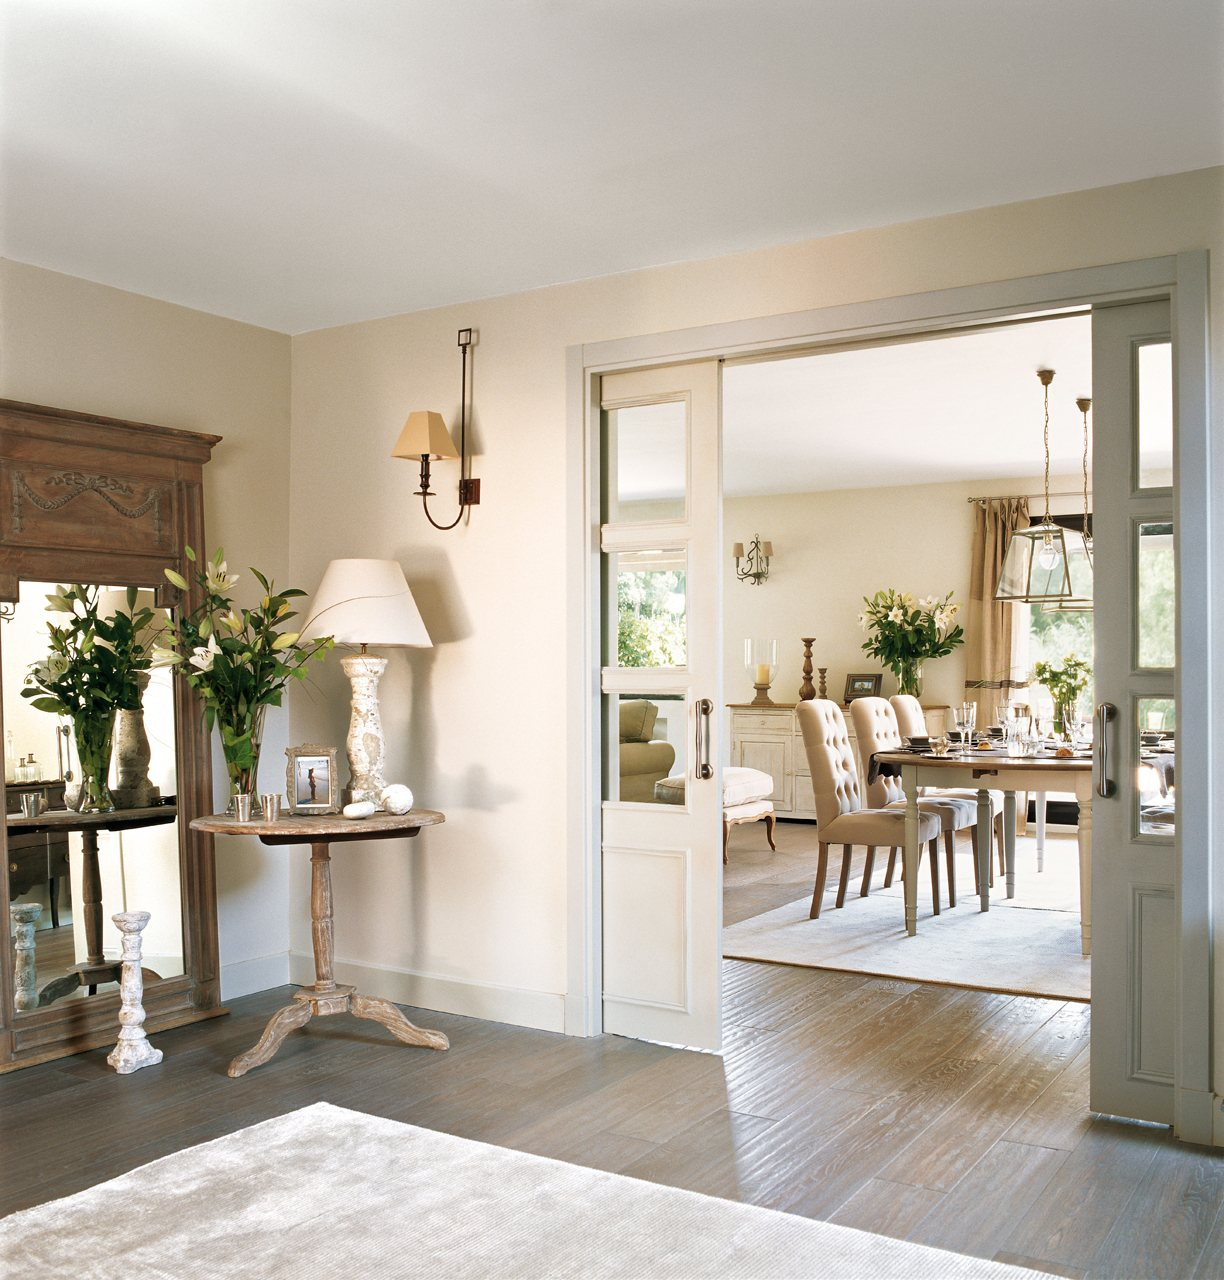 Ideas f ciles y efectivas para ganar m s luz en casa - Alfombras para recibidor ...